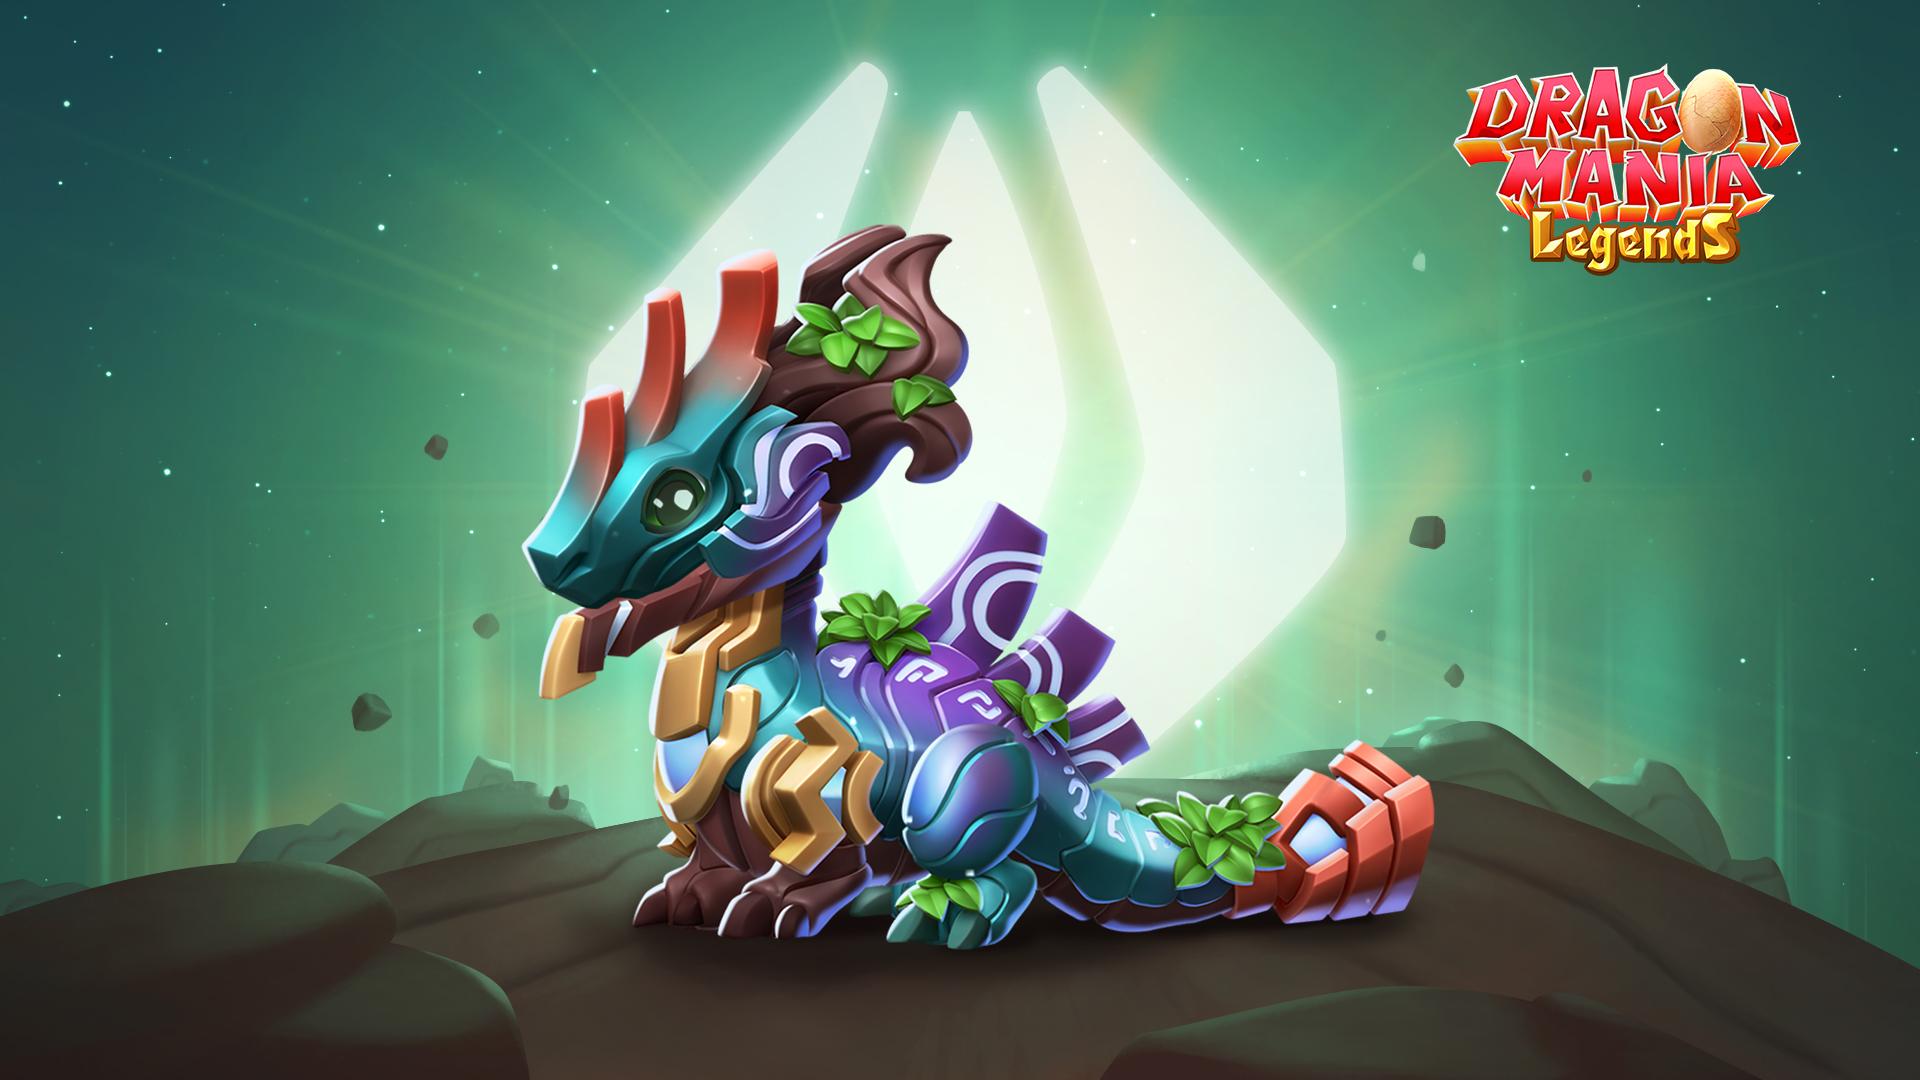 Dragon Legends: Dragon Mania Legends: Ancient Metal Mega Update Adds